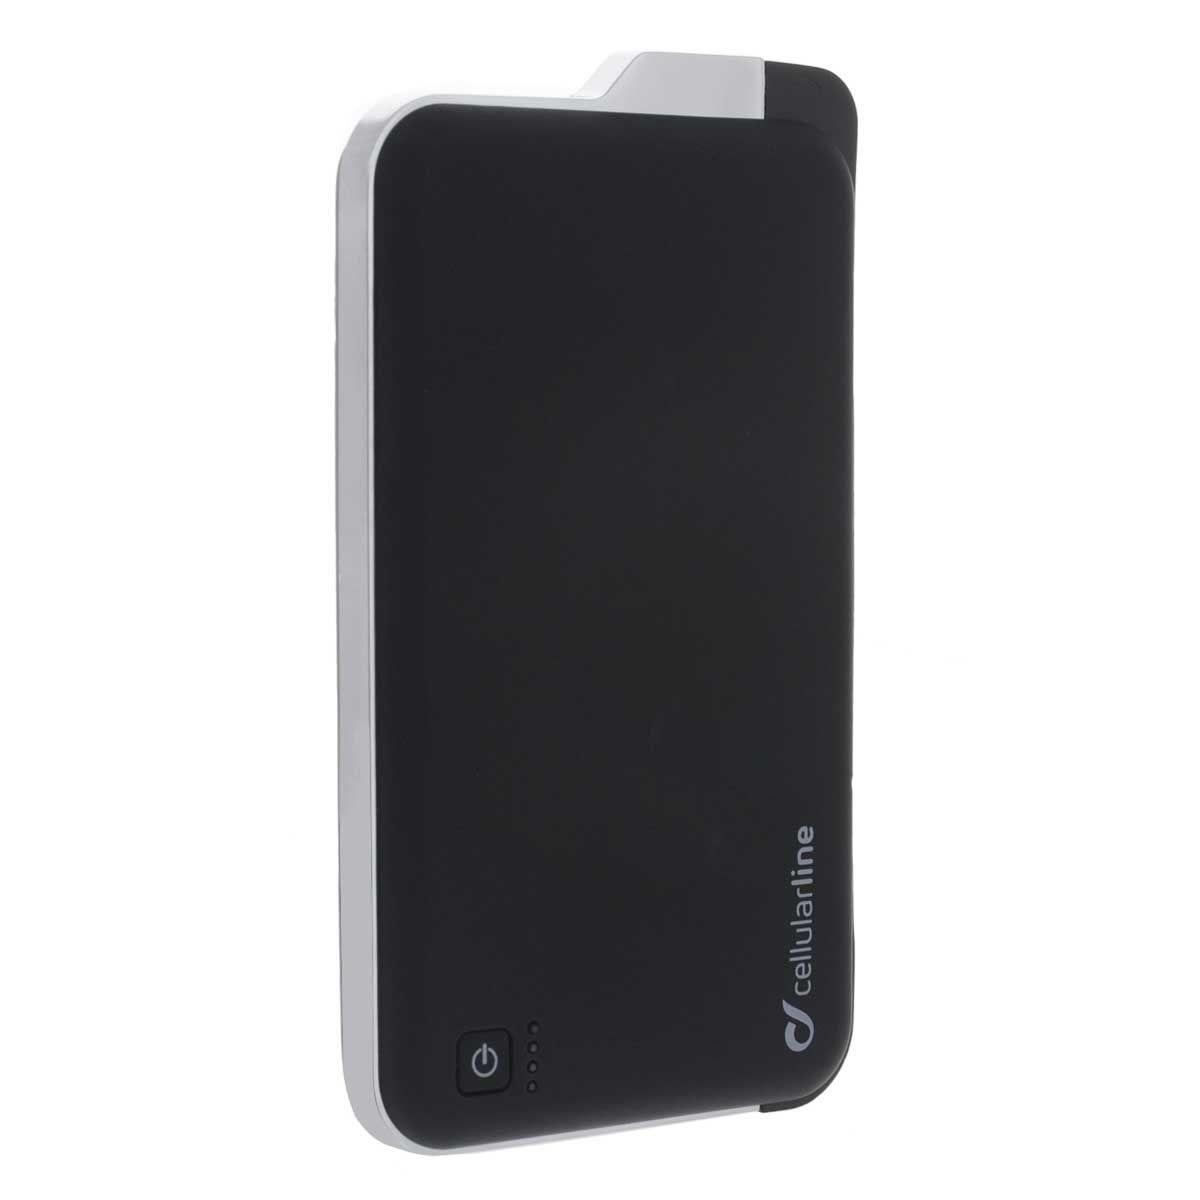 Cellular Line Freepower Slim micro USB, Black внешний аккумуляторFREEP5000MICROUSBKCellular Line Freepower Slim micro USB - надежный и емкий внешний аккумулятор для мобильных устройств, в том числе всех современных смартфонов и планшетов от Apple. Устройство заключено в стильный матовый корпус и имеет целых два разъема USB, а также коннектор microUSB для зарядки ваших девайсов.